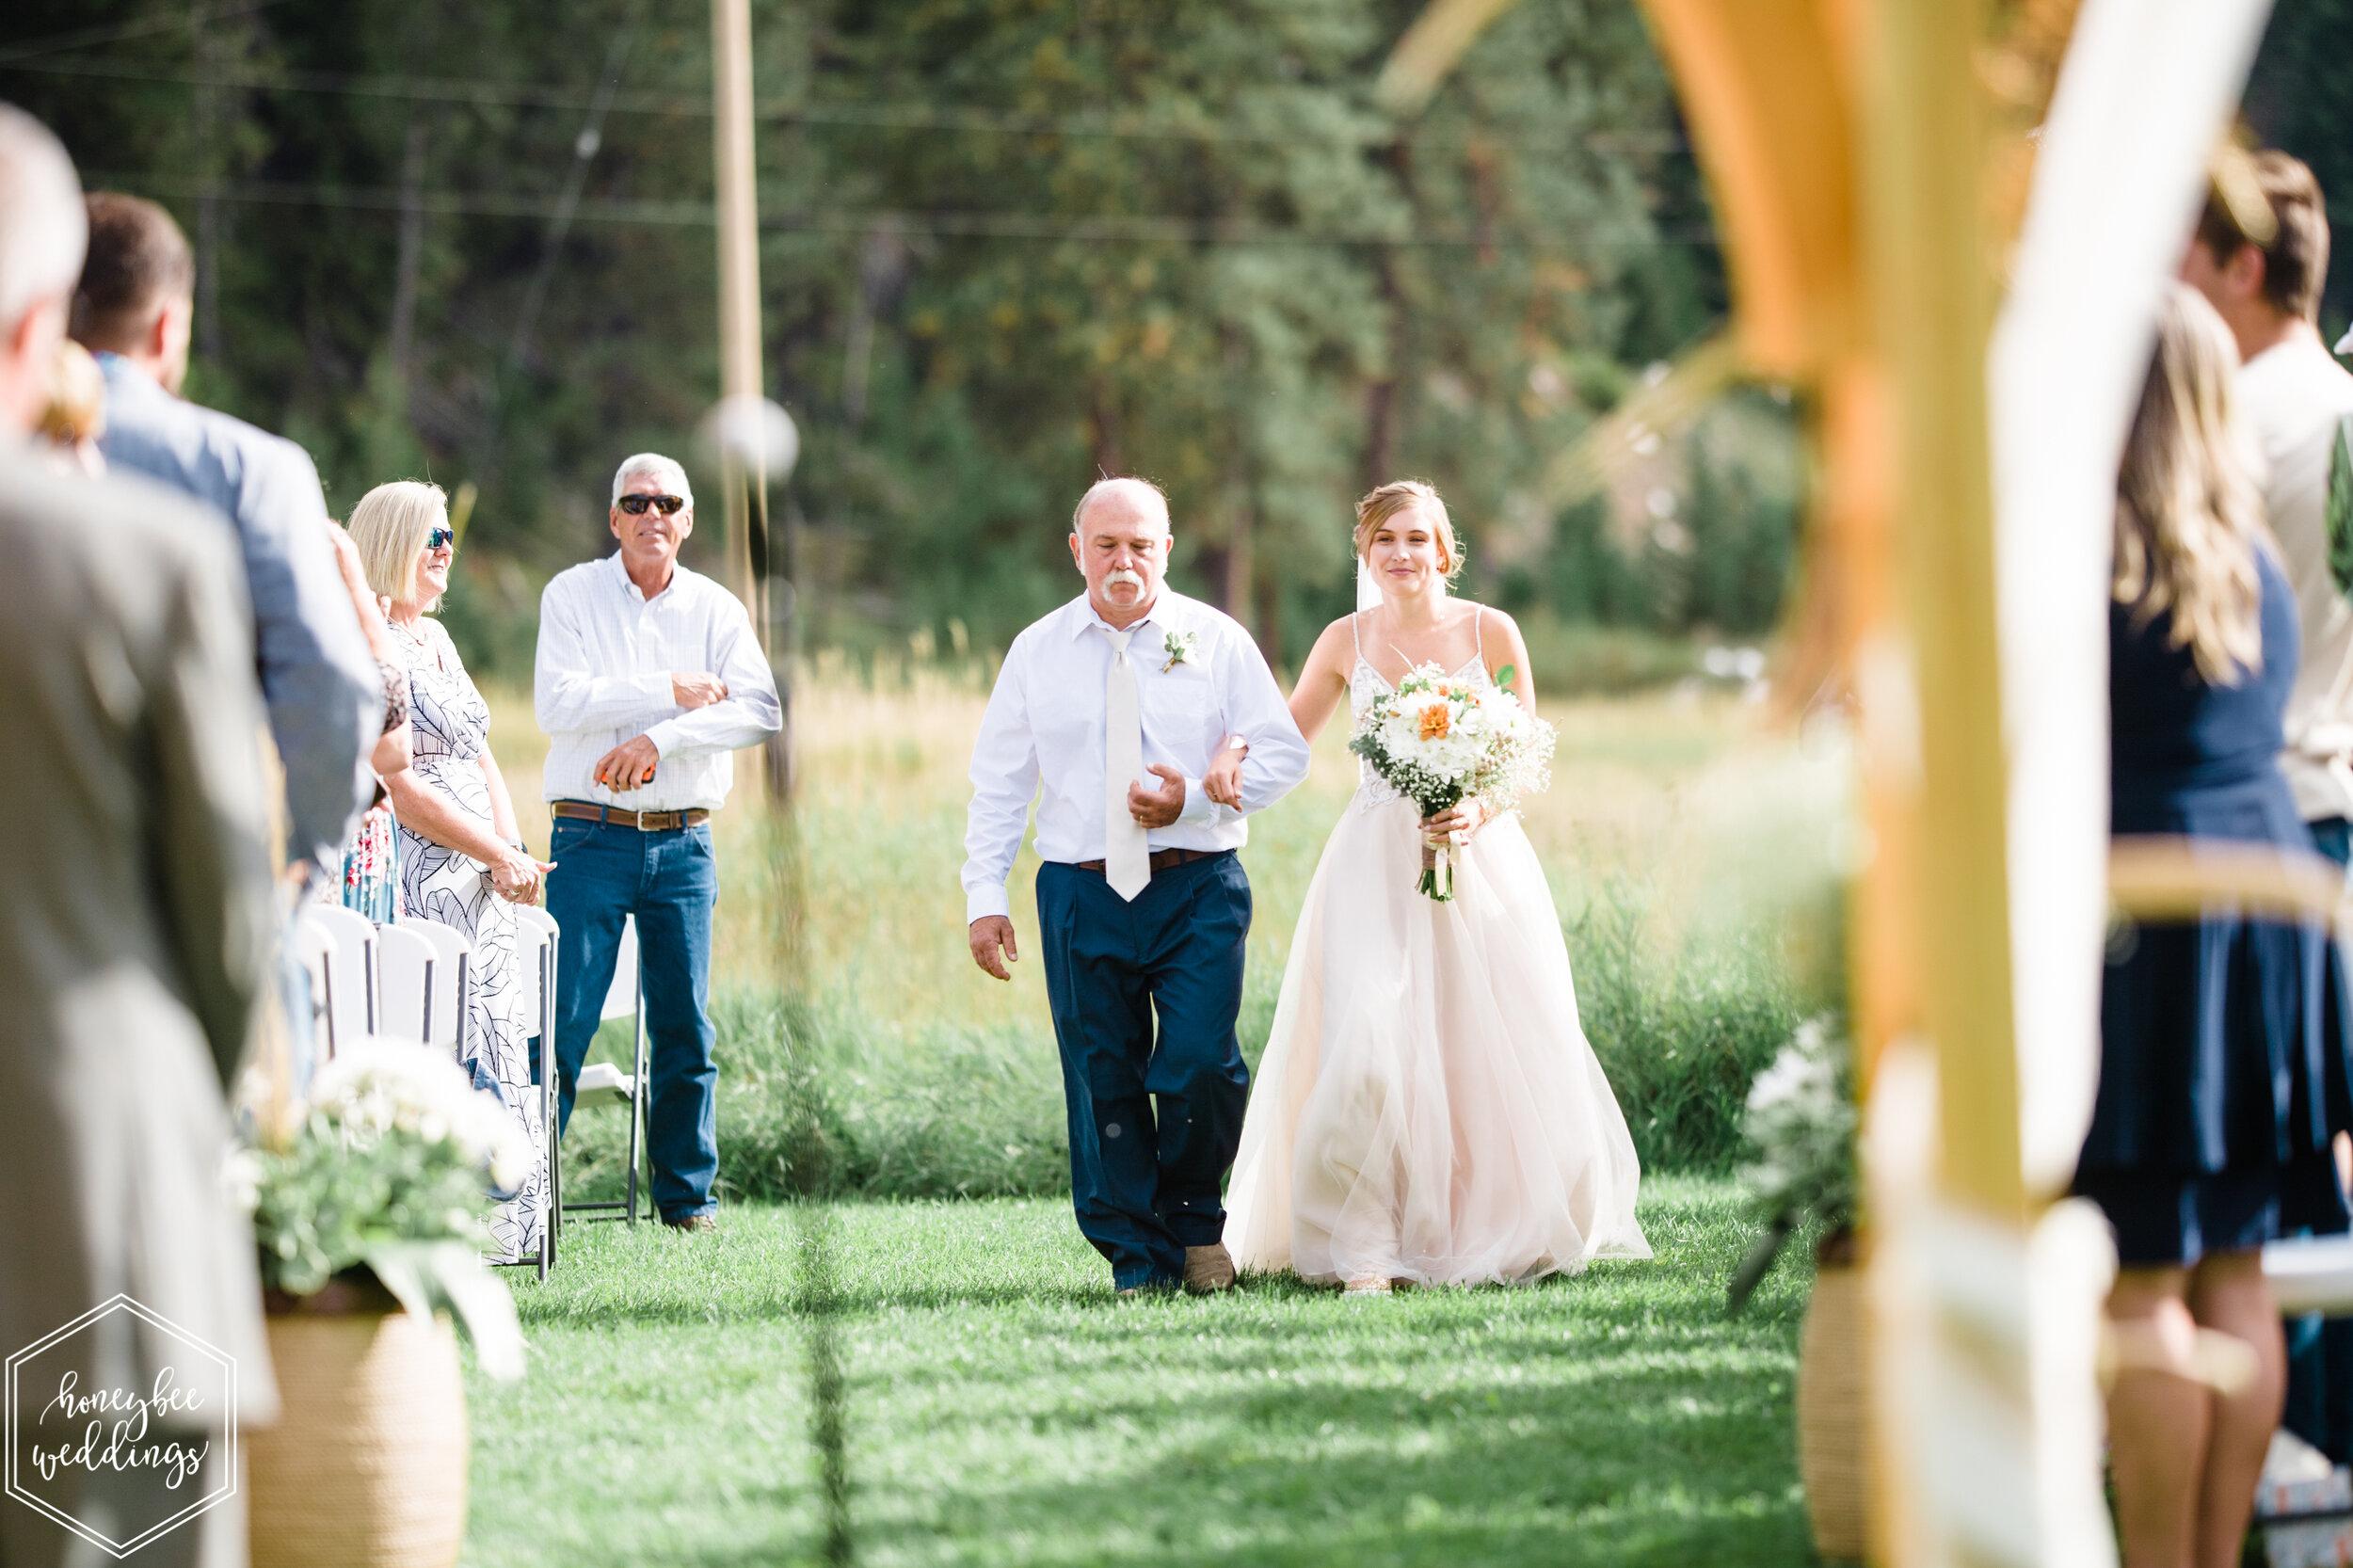 081Seven Mile Meadows Wedding_Montana Wedding Photographer_Jamie & Wes_Honeybee Weddings_September 07, 2019-2137.jpg